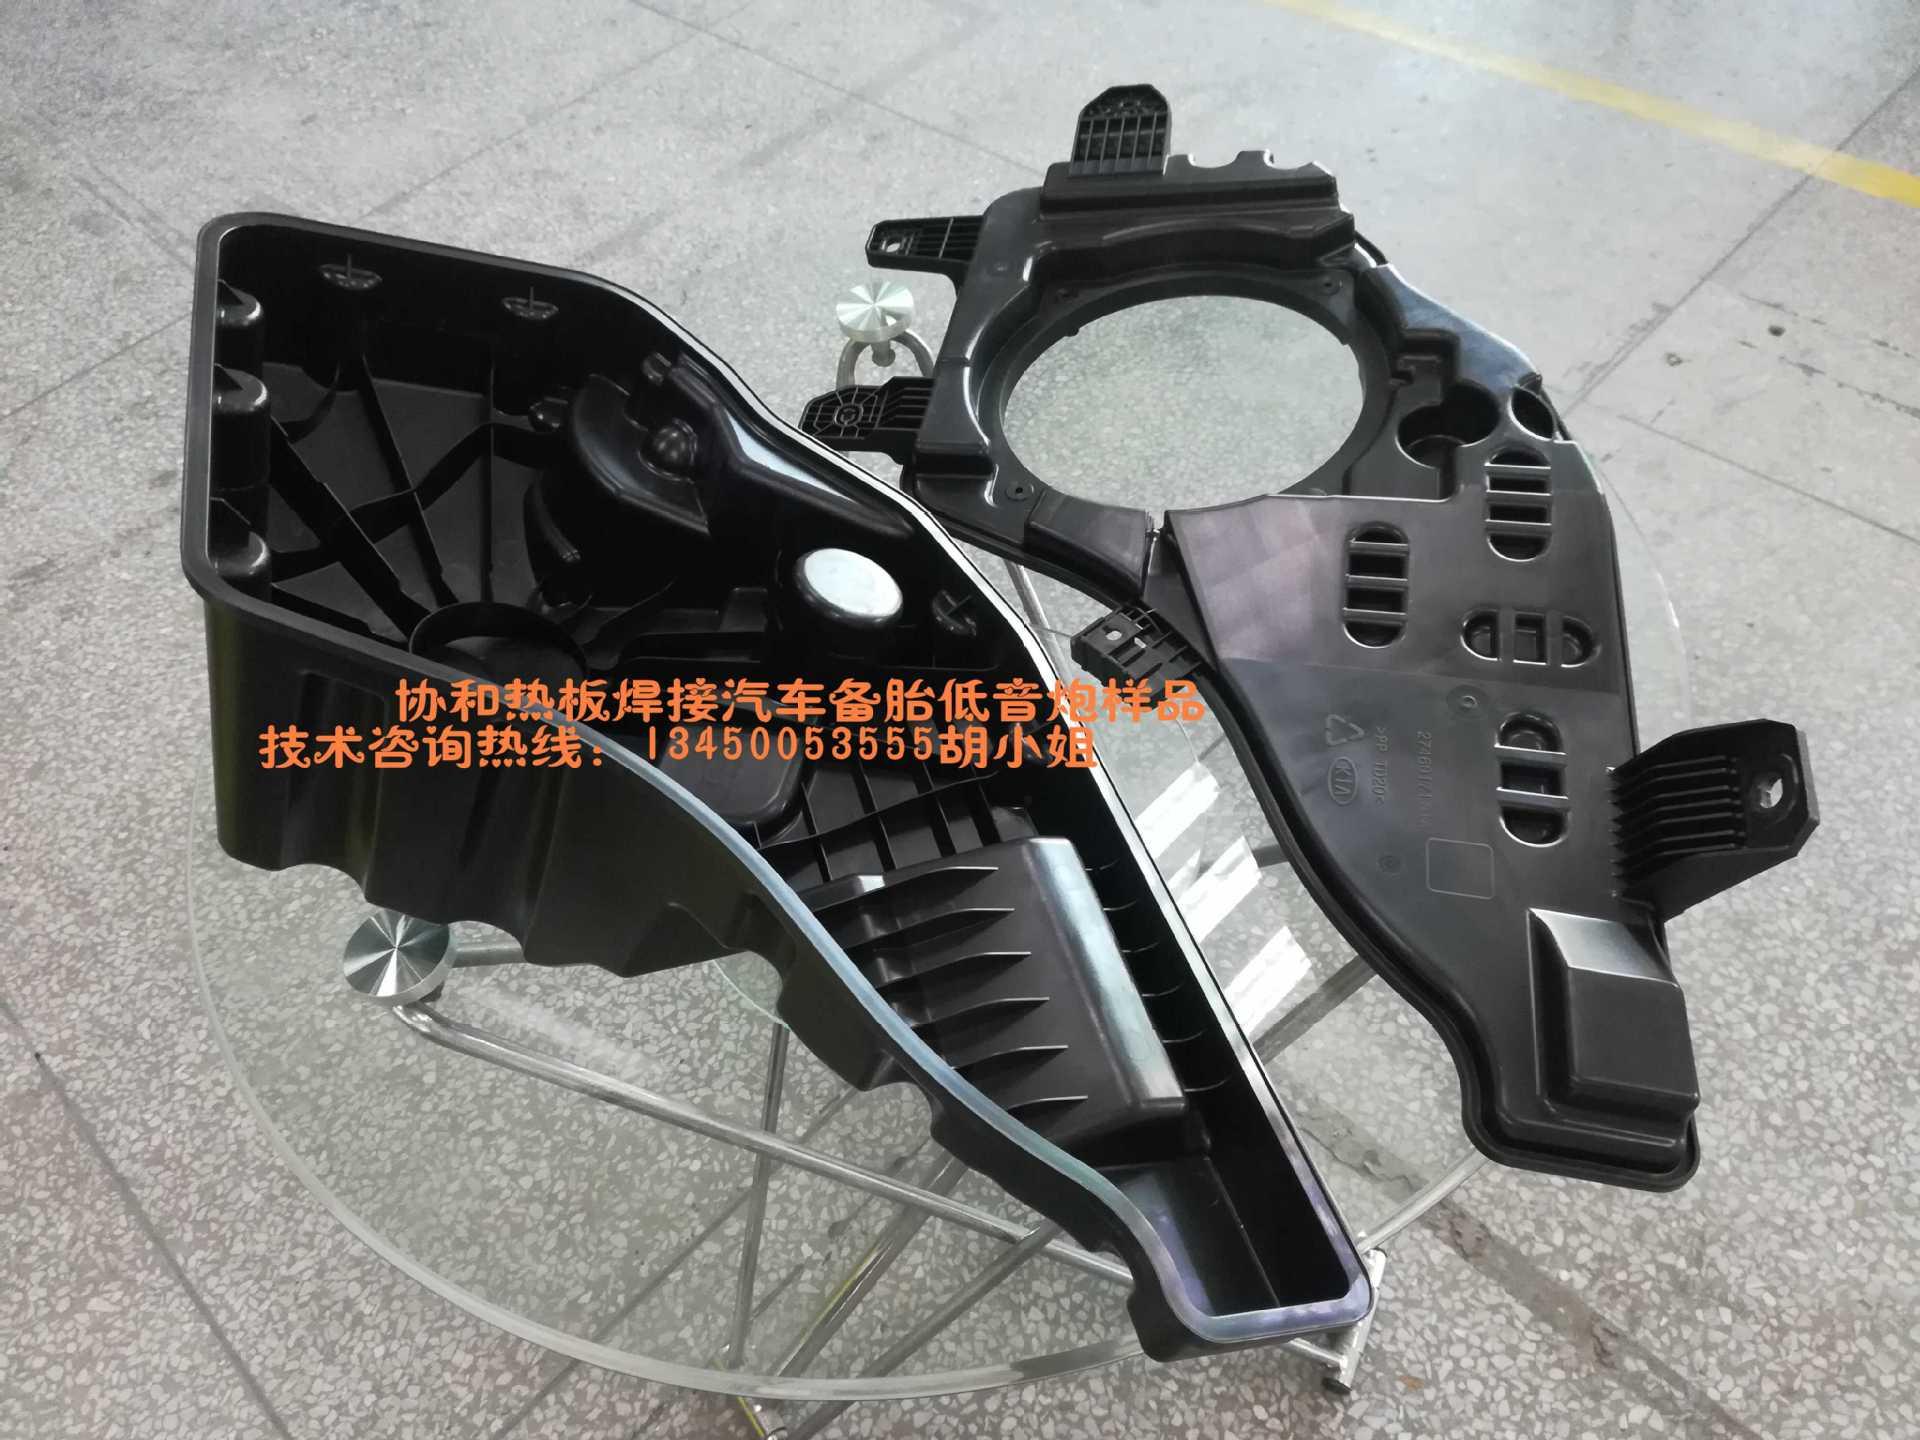 协和半自动热板机 精密设计制造 汽车水箱PP防水气密焊接热板机示例图8